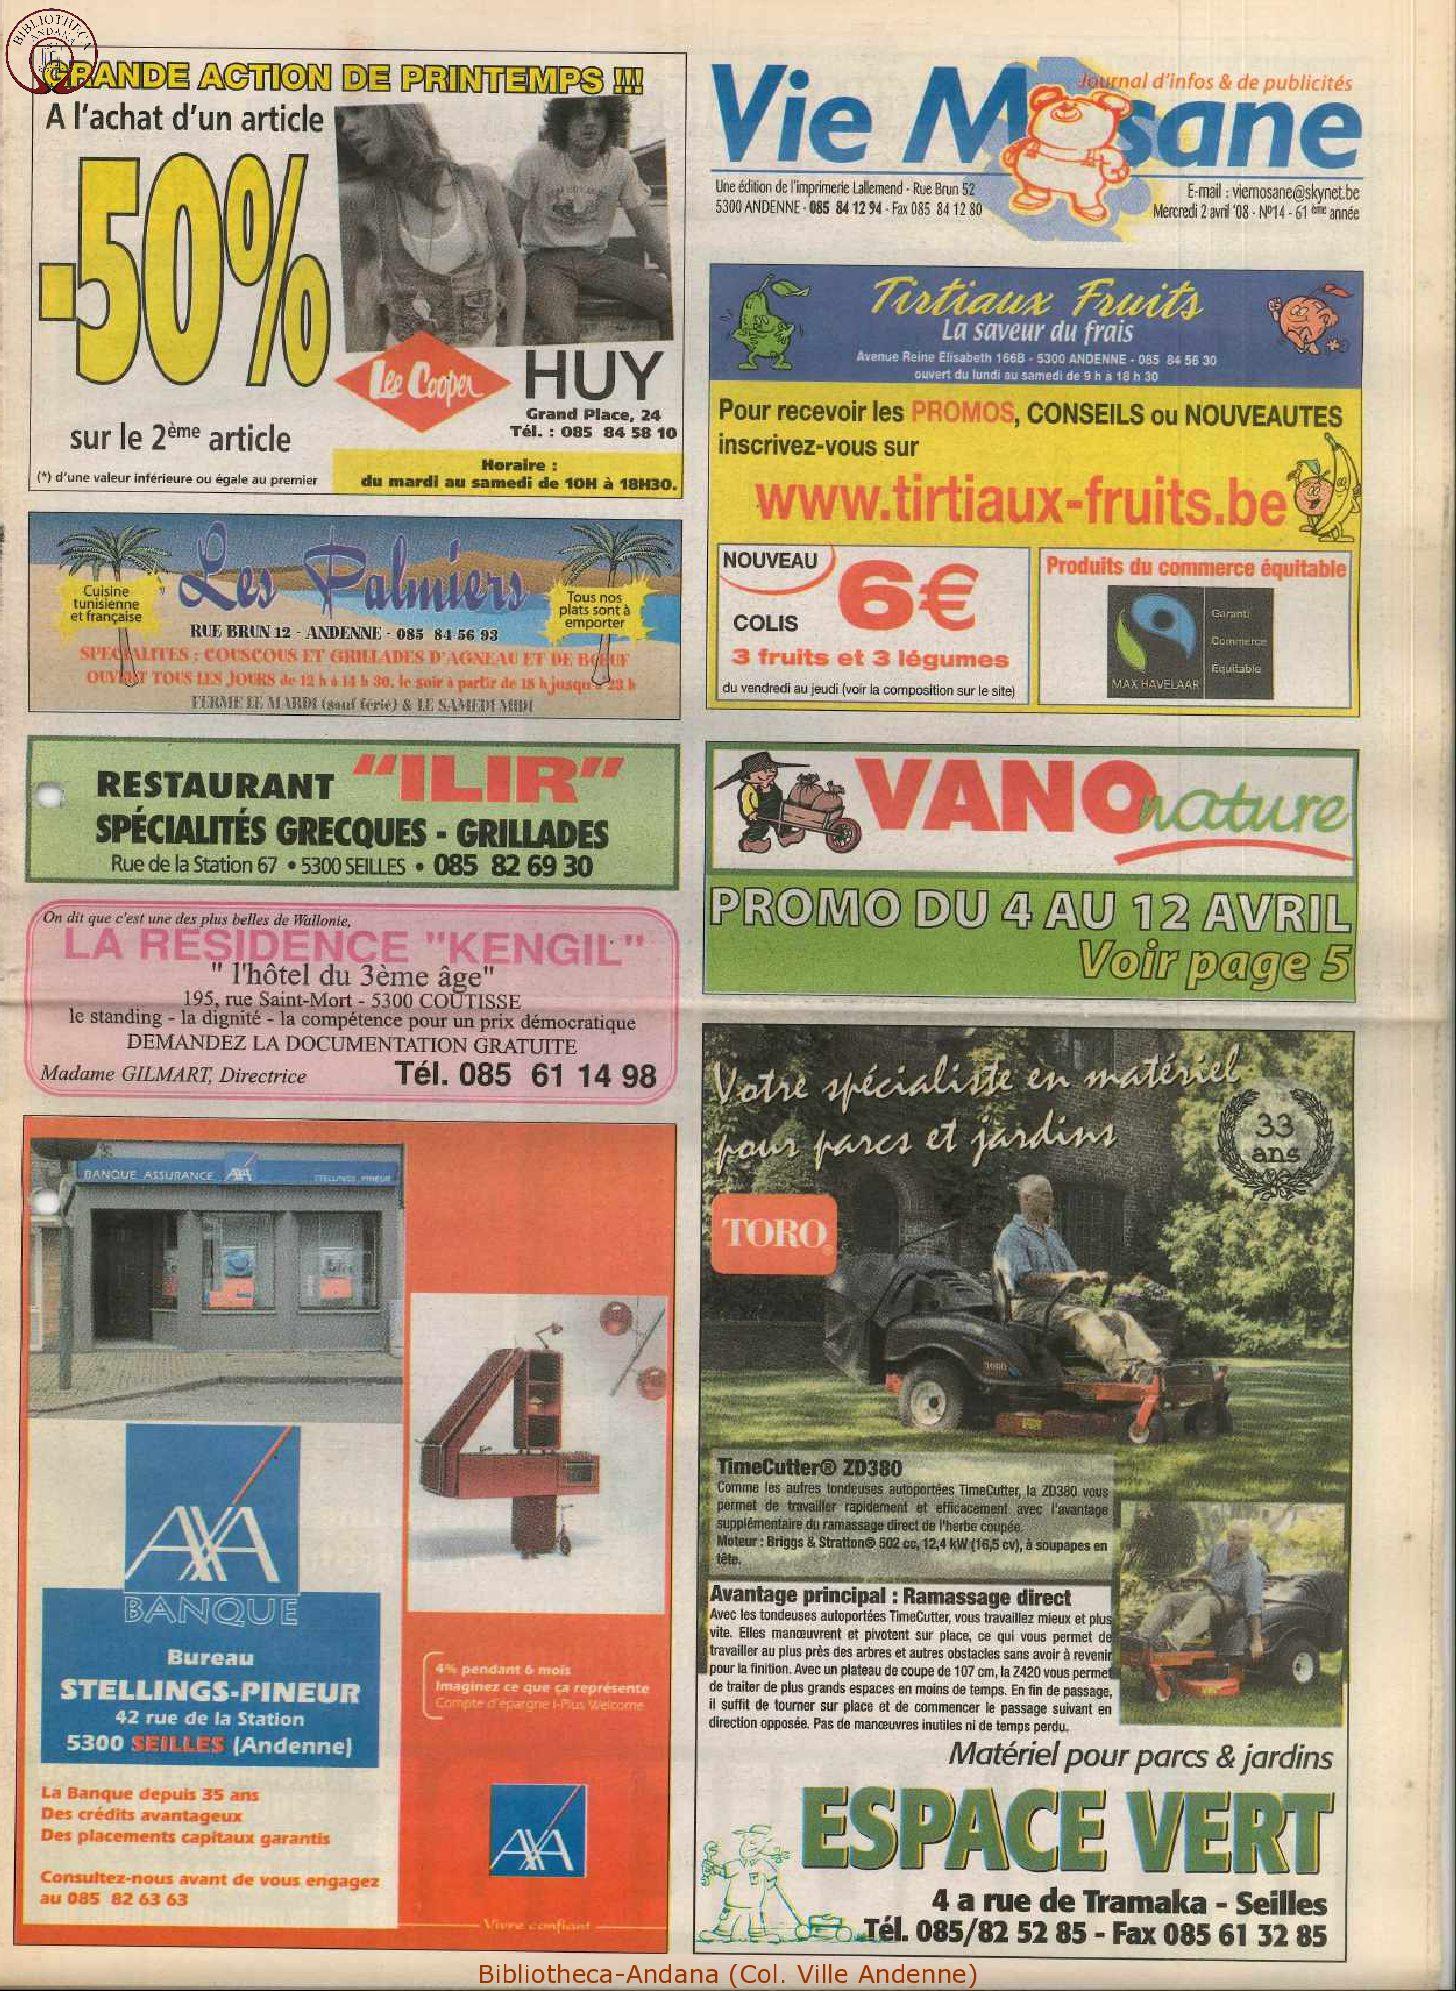 61e année - n°14 - 2 avril 2008